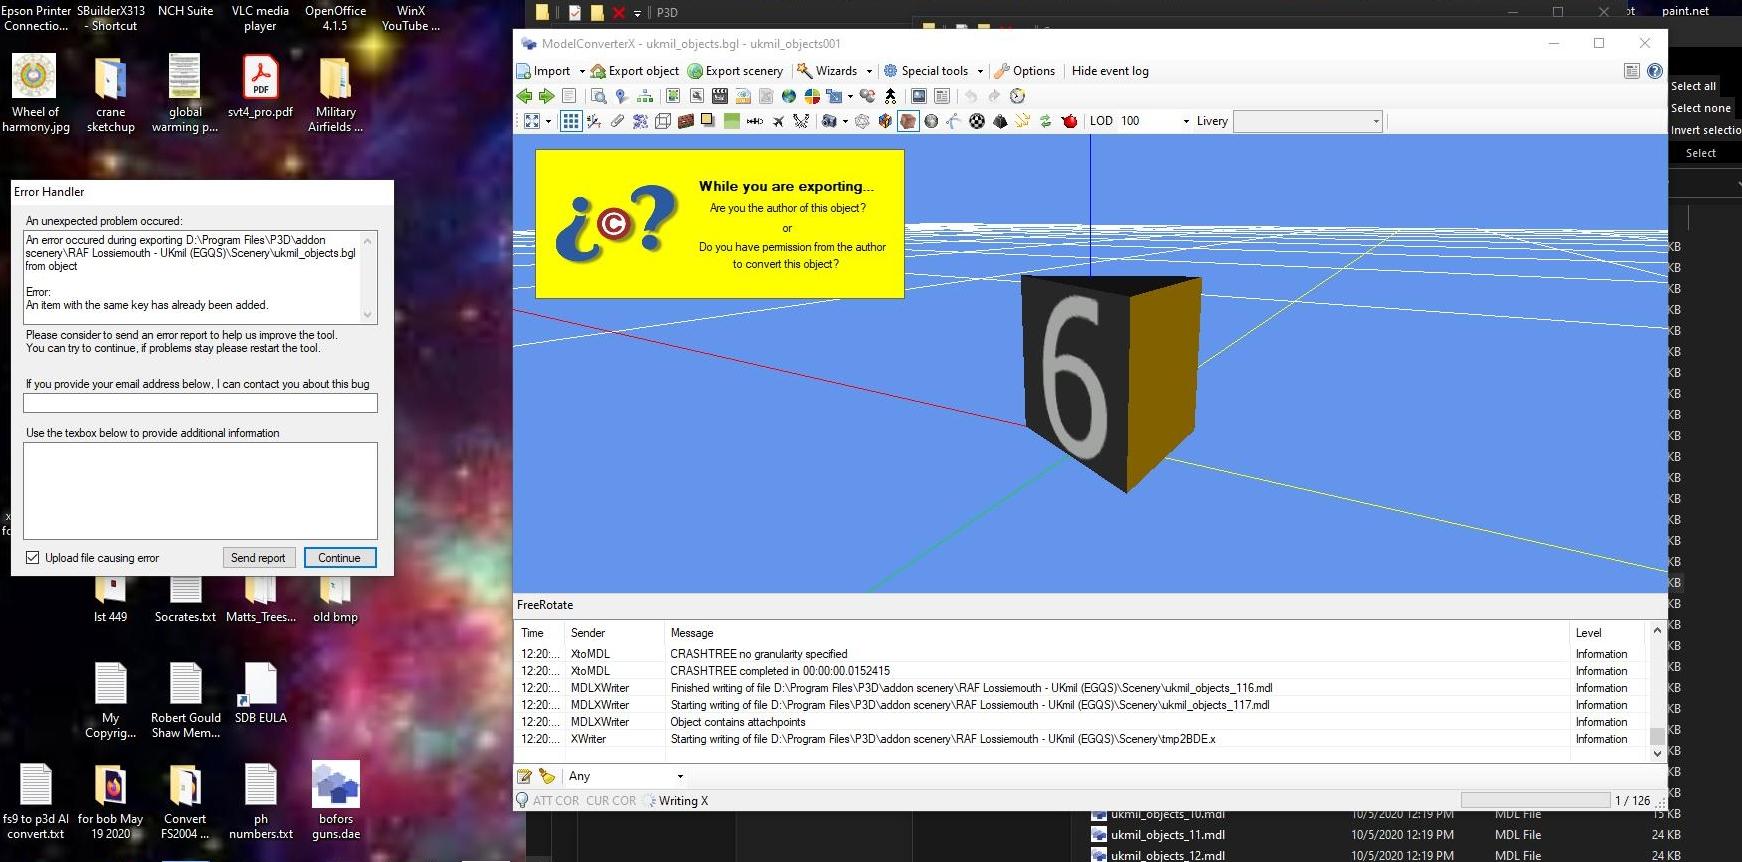 screenshot2503.jpg